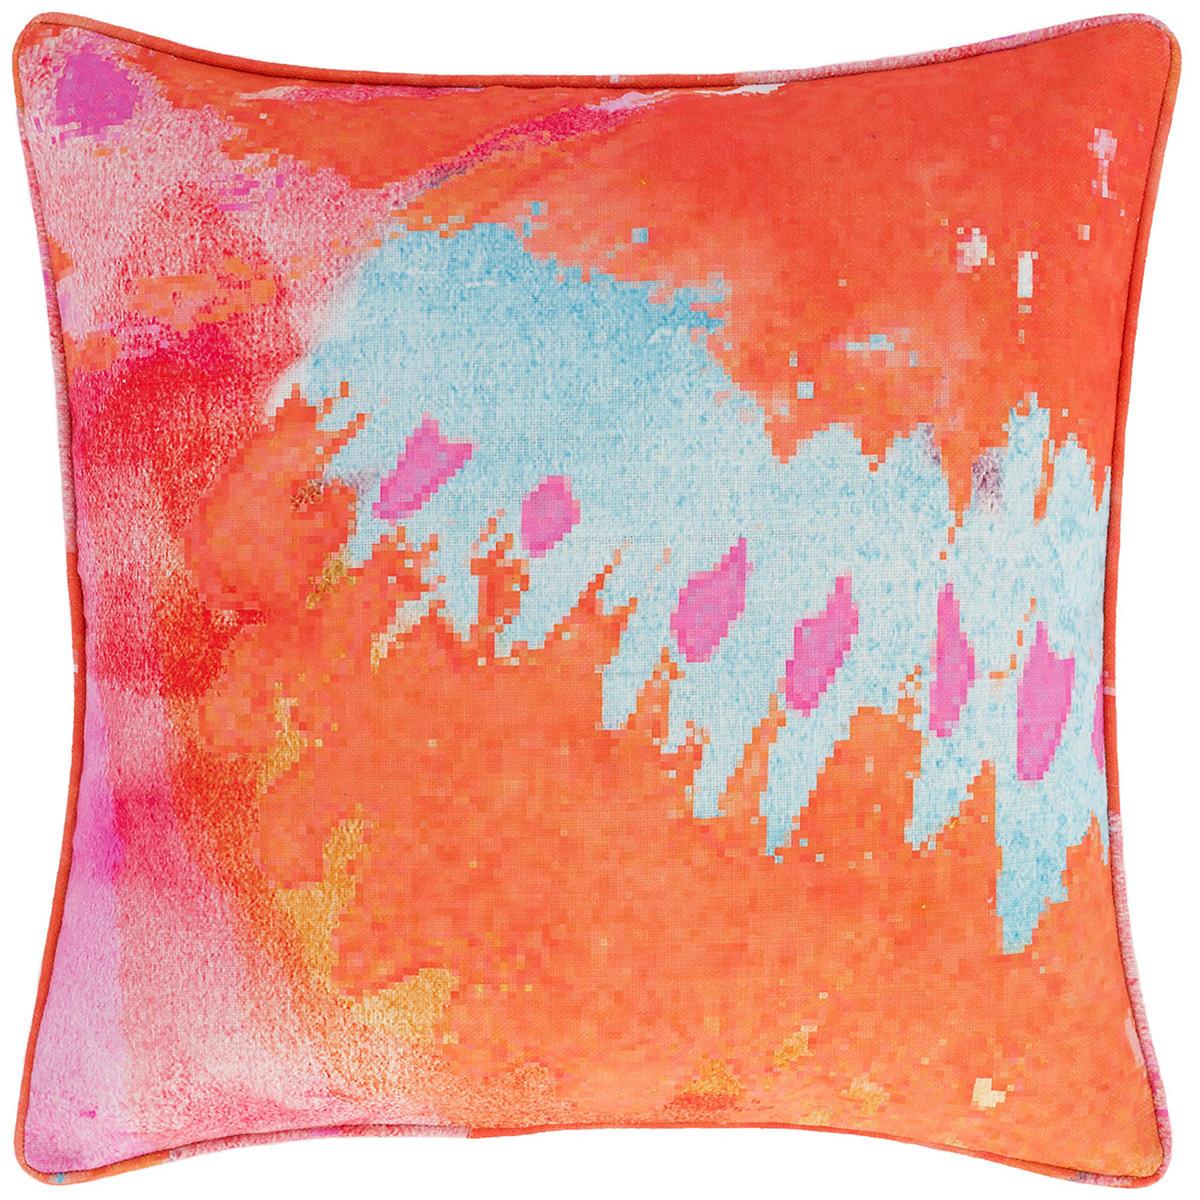 Orange Tip Indoor/Outdoor Decorative Pillow